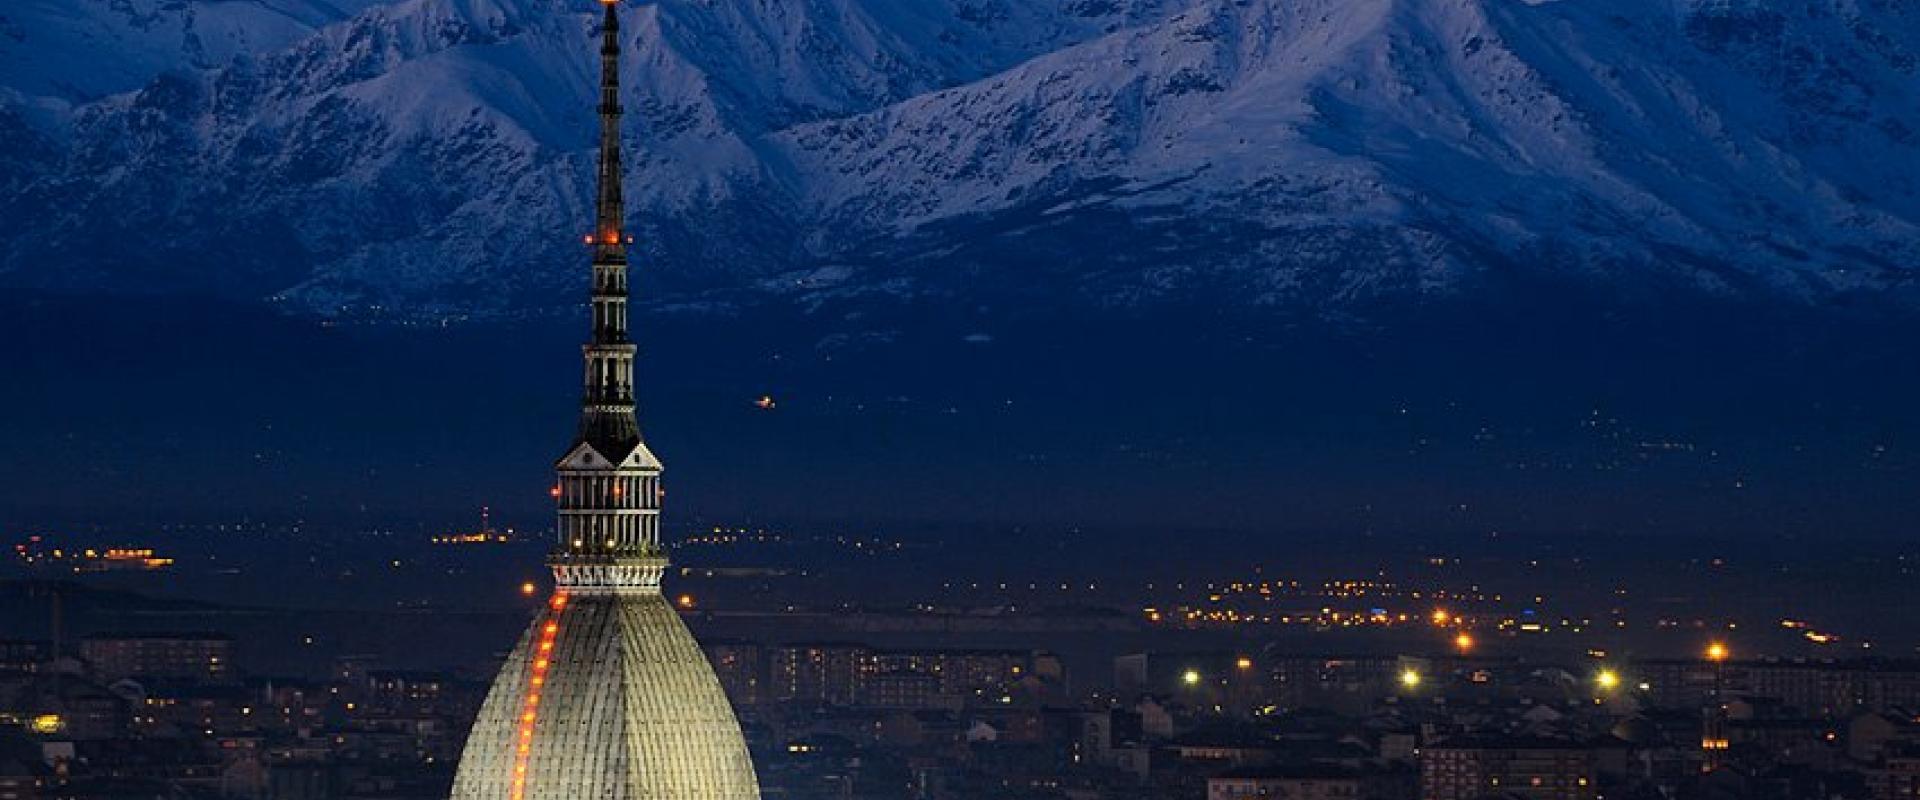 Visit of Torino